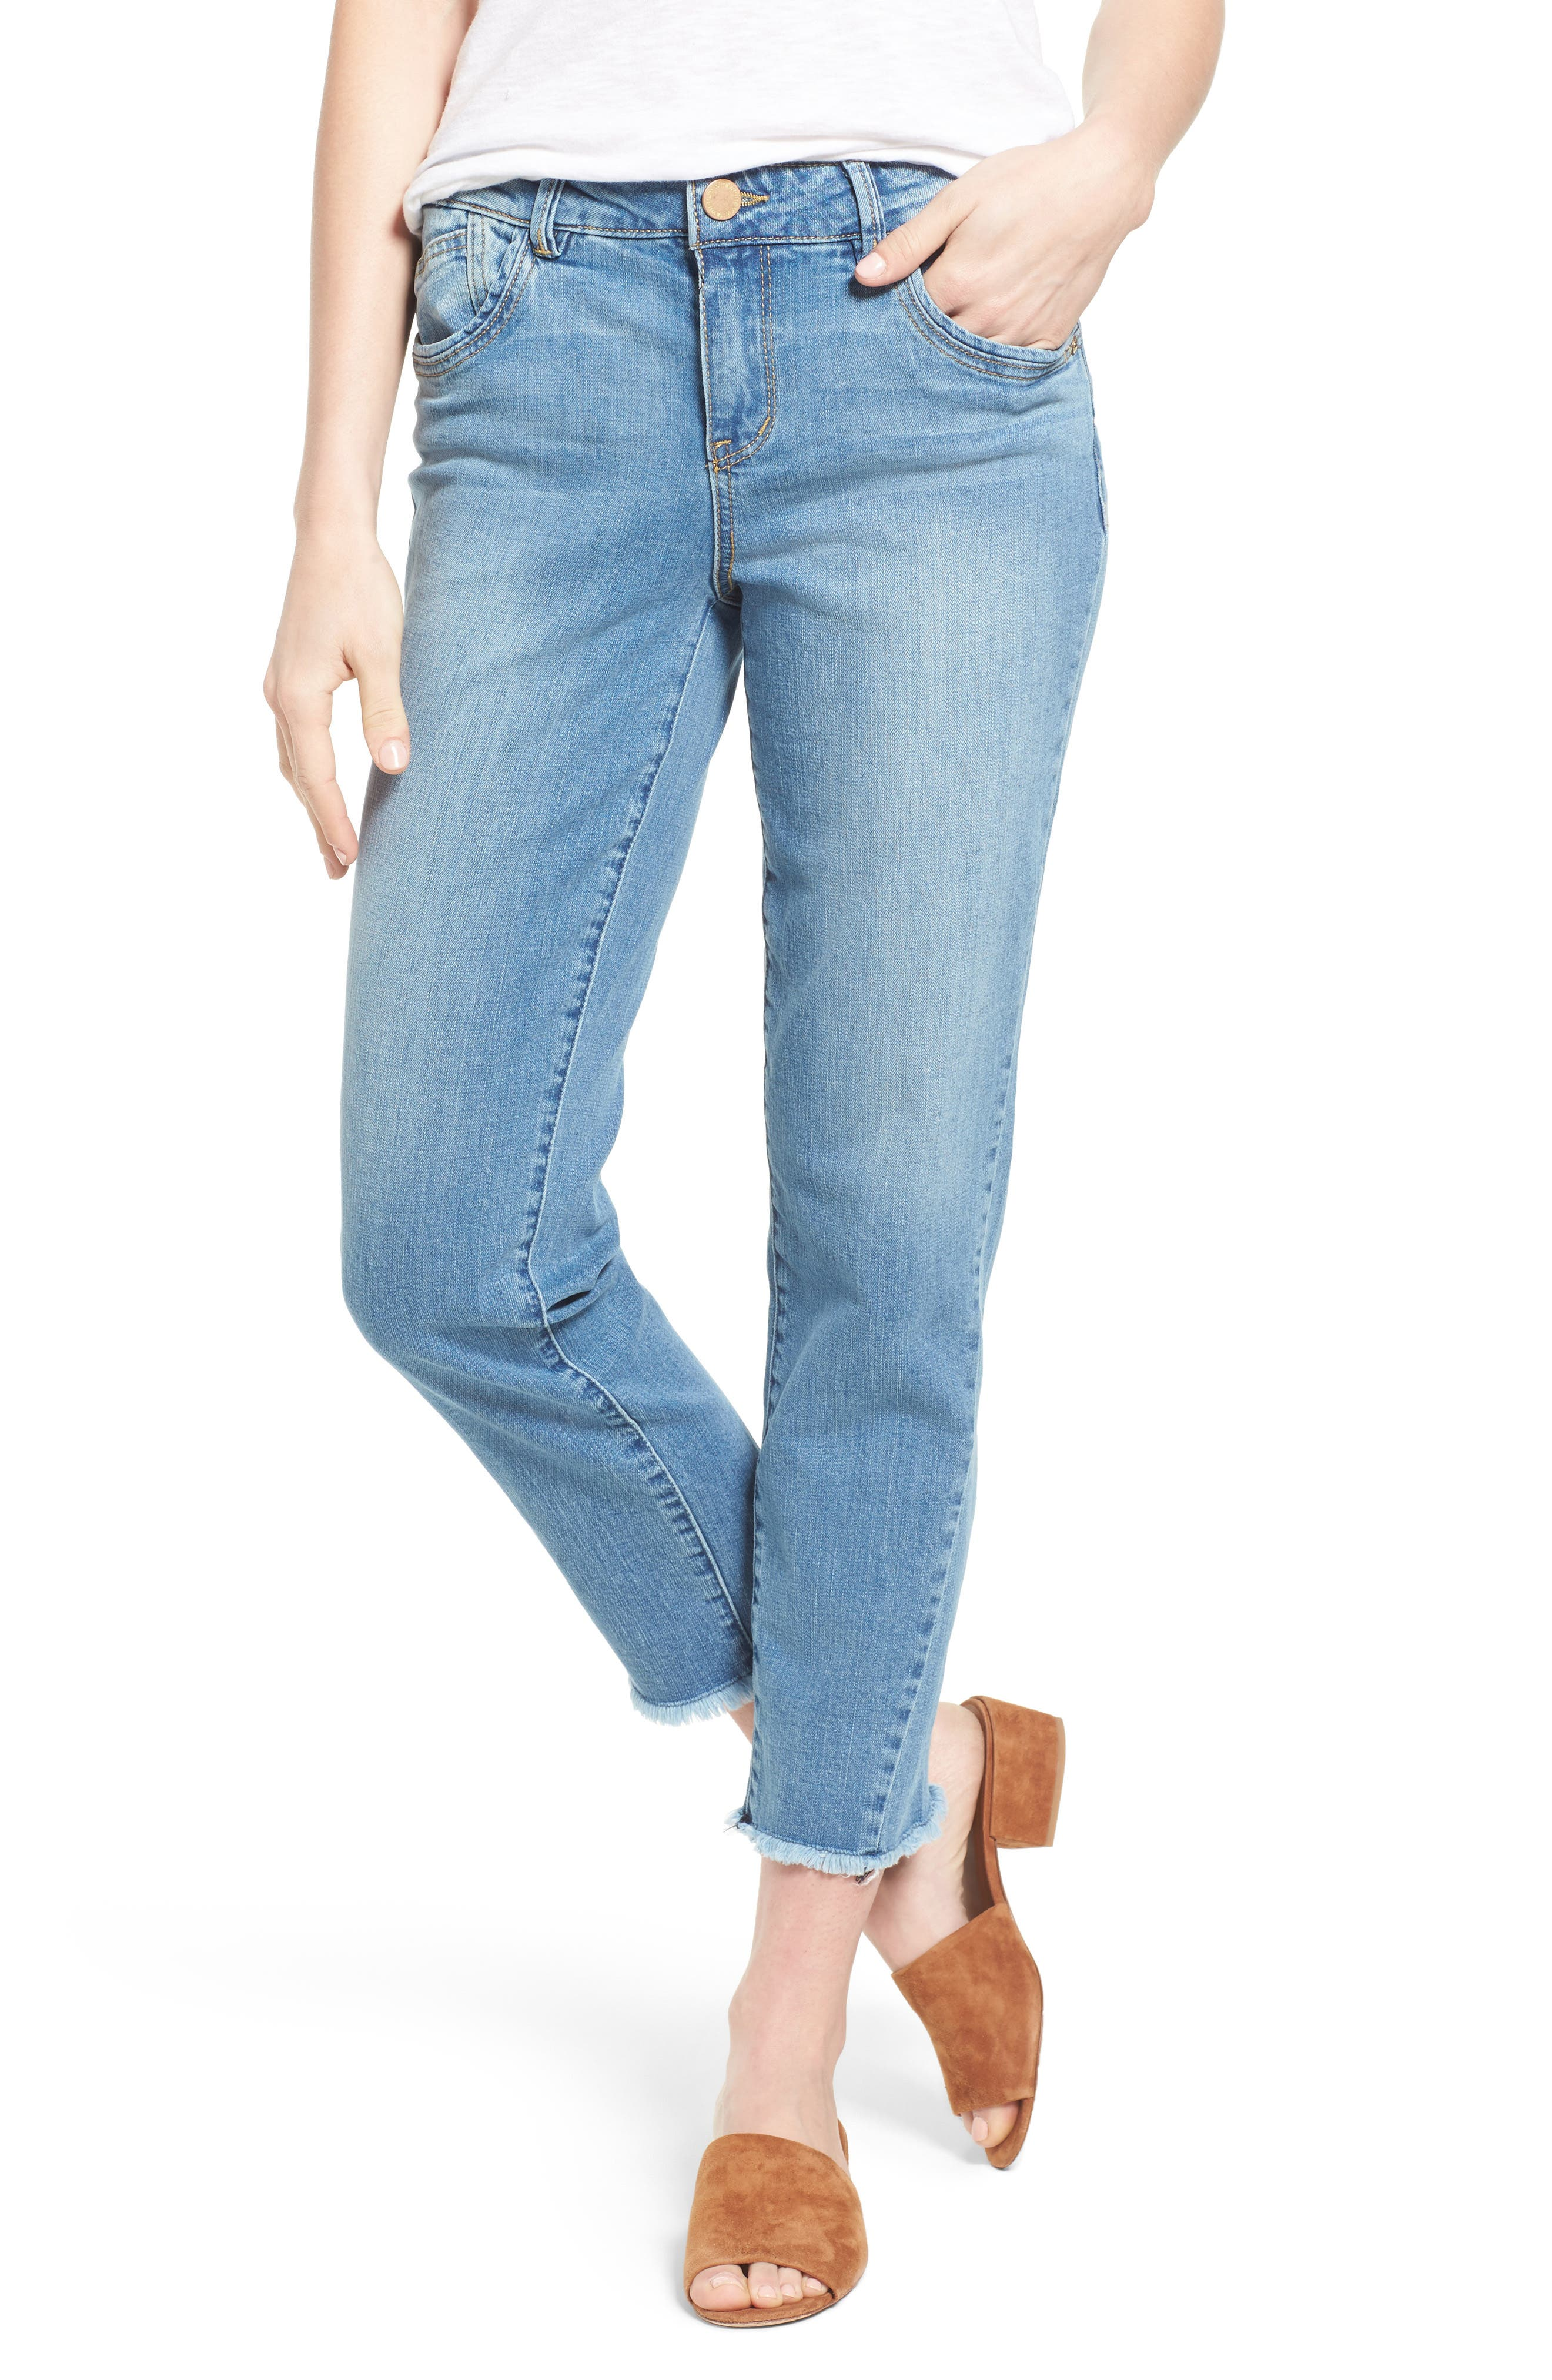 Wit & Wisdom High Waist Crop Jeans (Regular & Petite)